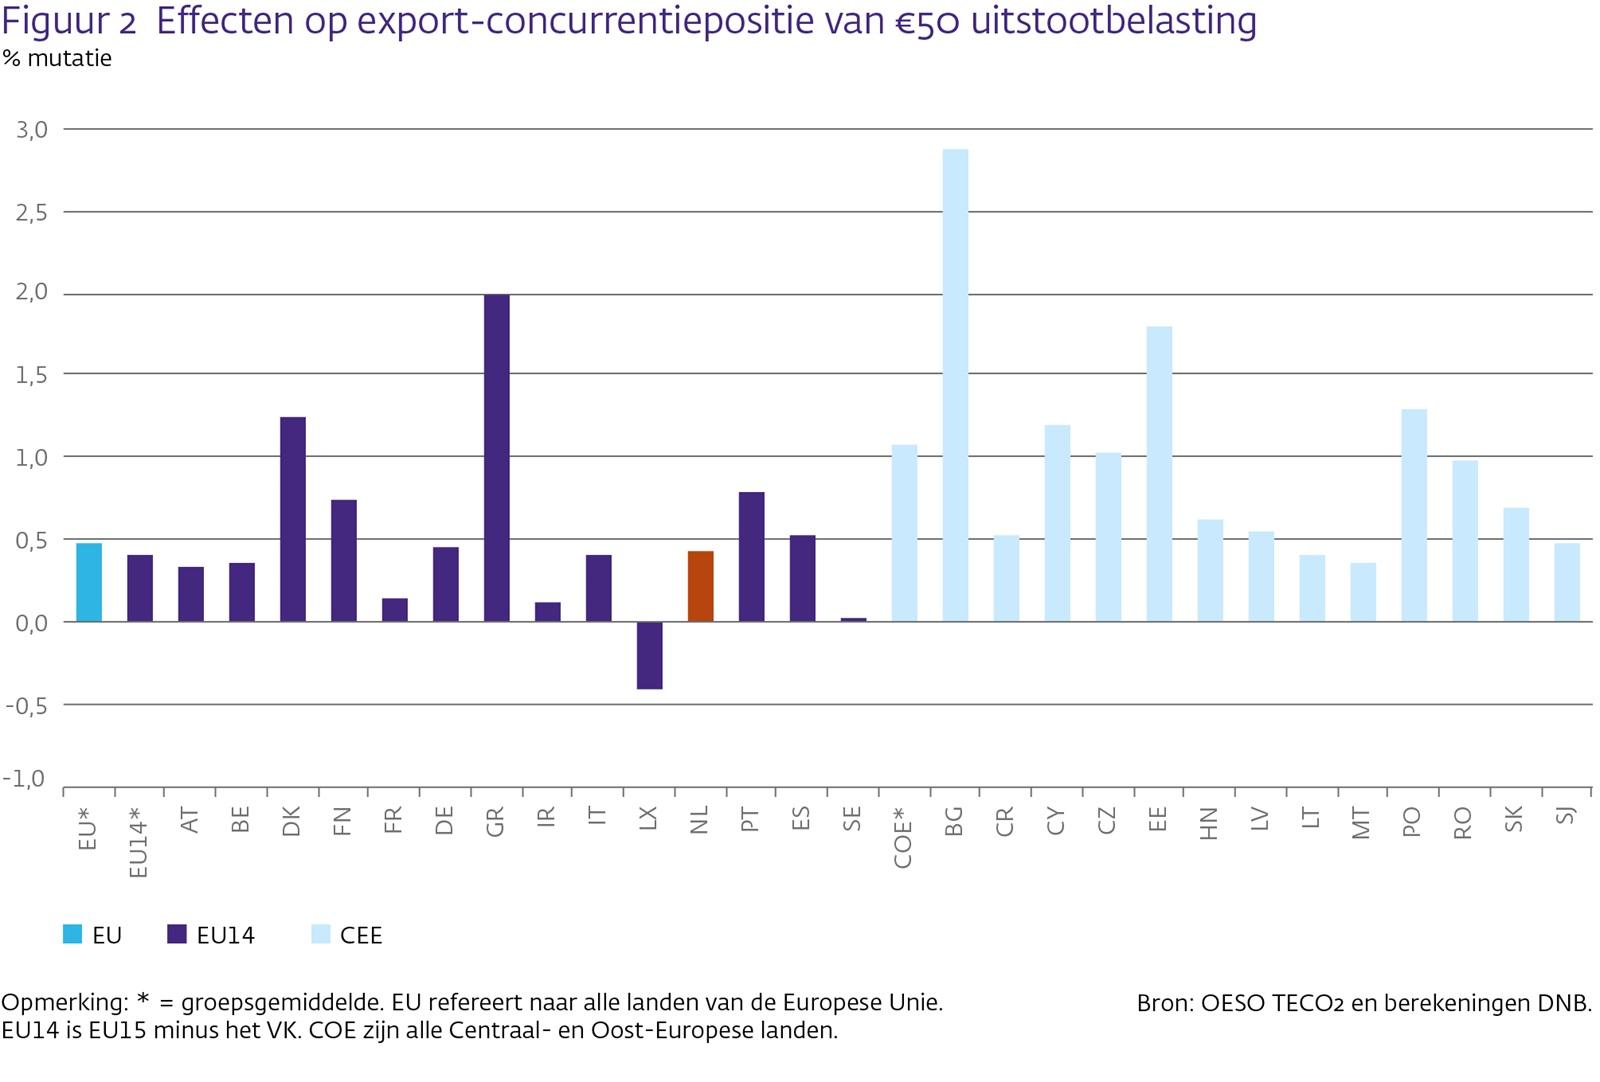 Effecten op export-concurrentiepositie van 50€ uitstootbelasting